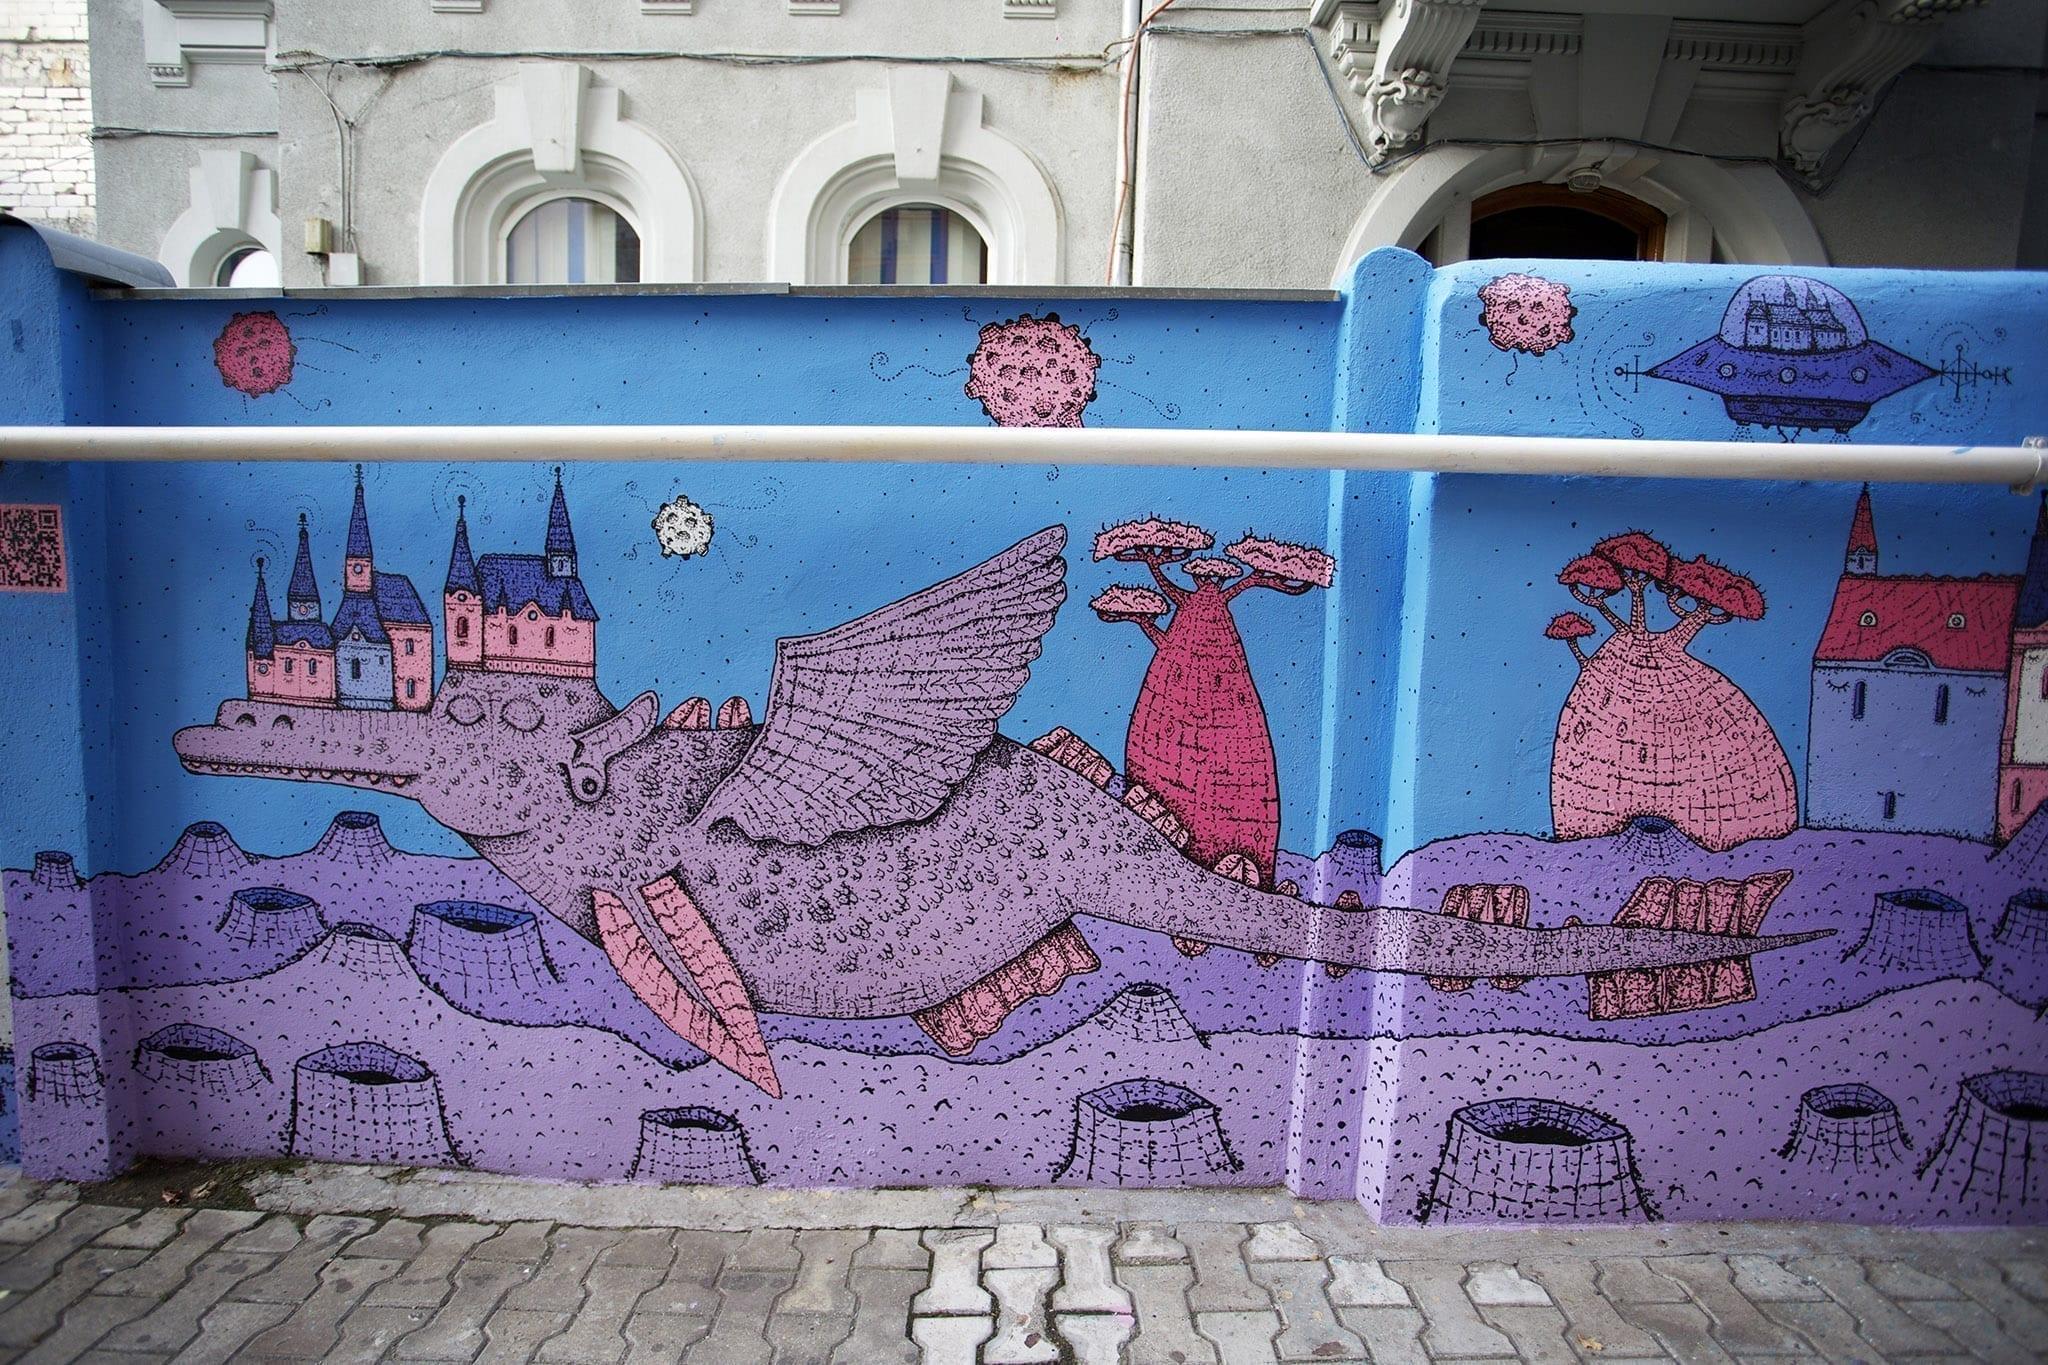 KSELEQOQYNQYSHY - Mural Un-hidden Bucharest II - 2018